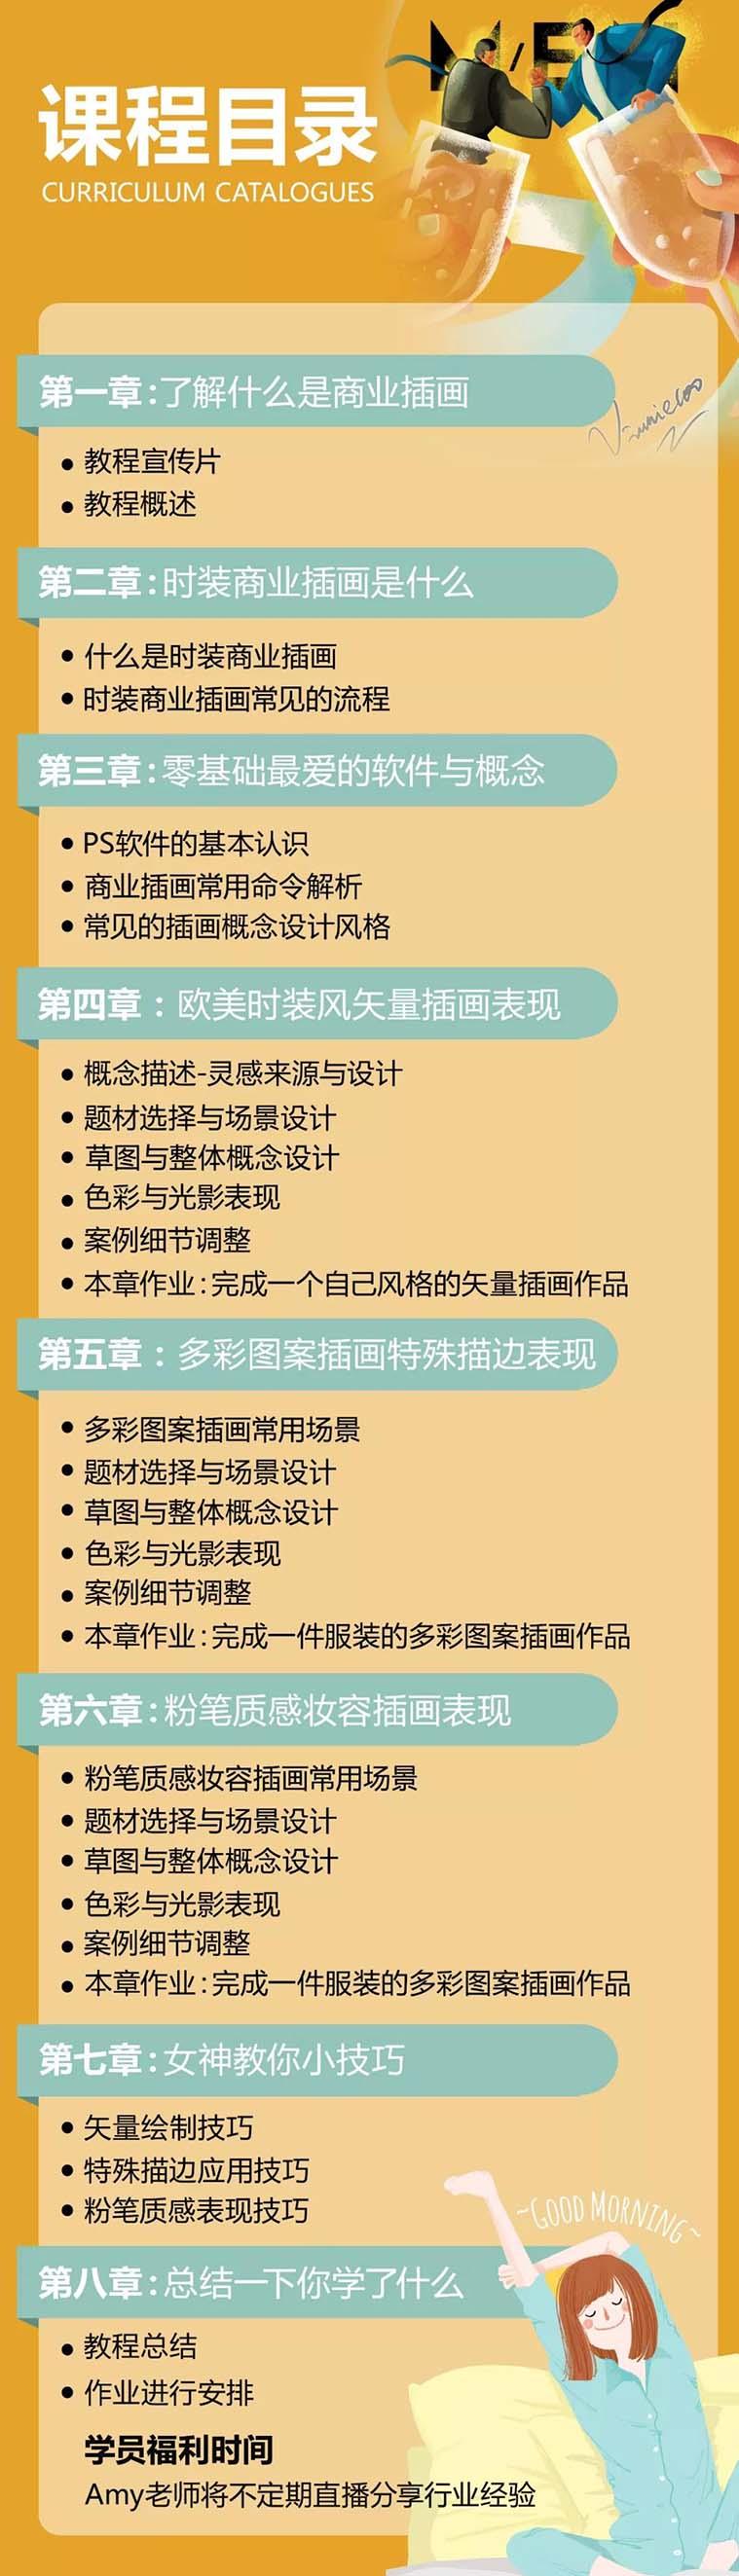 《零基础学商业时尚插画》女神Amy独家定制教学教程宣传目录